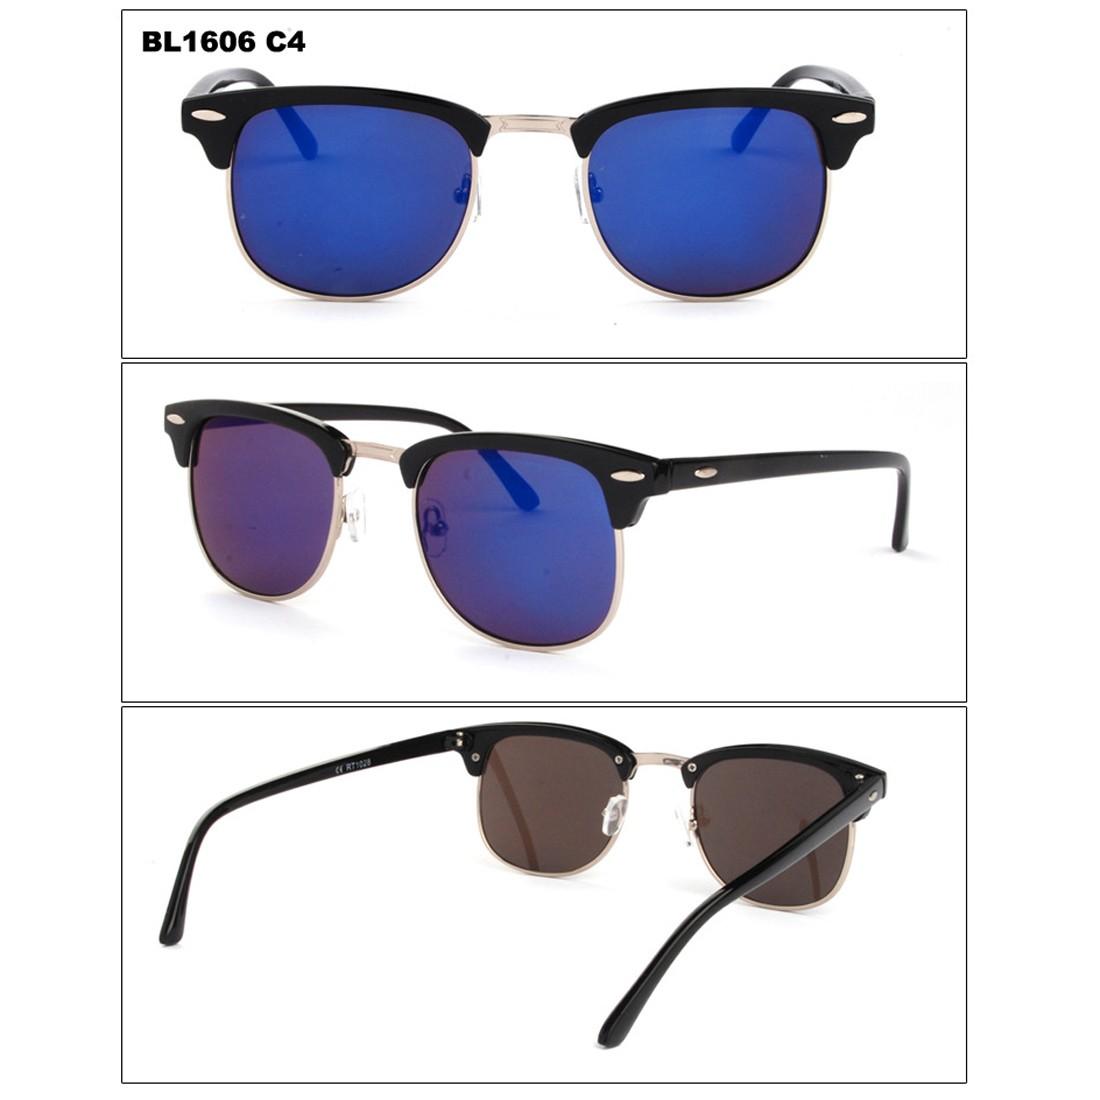 2bc6f881eedf0 óculos Característica  AC Lente UV tamanho  Largura da moldura  14 cm.  Largura Do nariz  2 cm. Largura das lentes  5 cm altura do quadro  4.5 cm